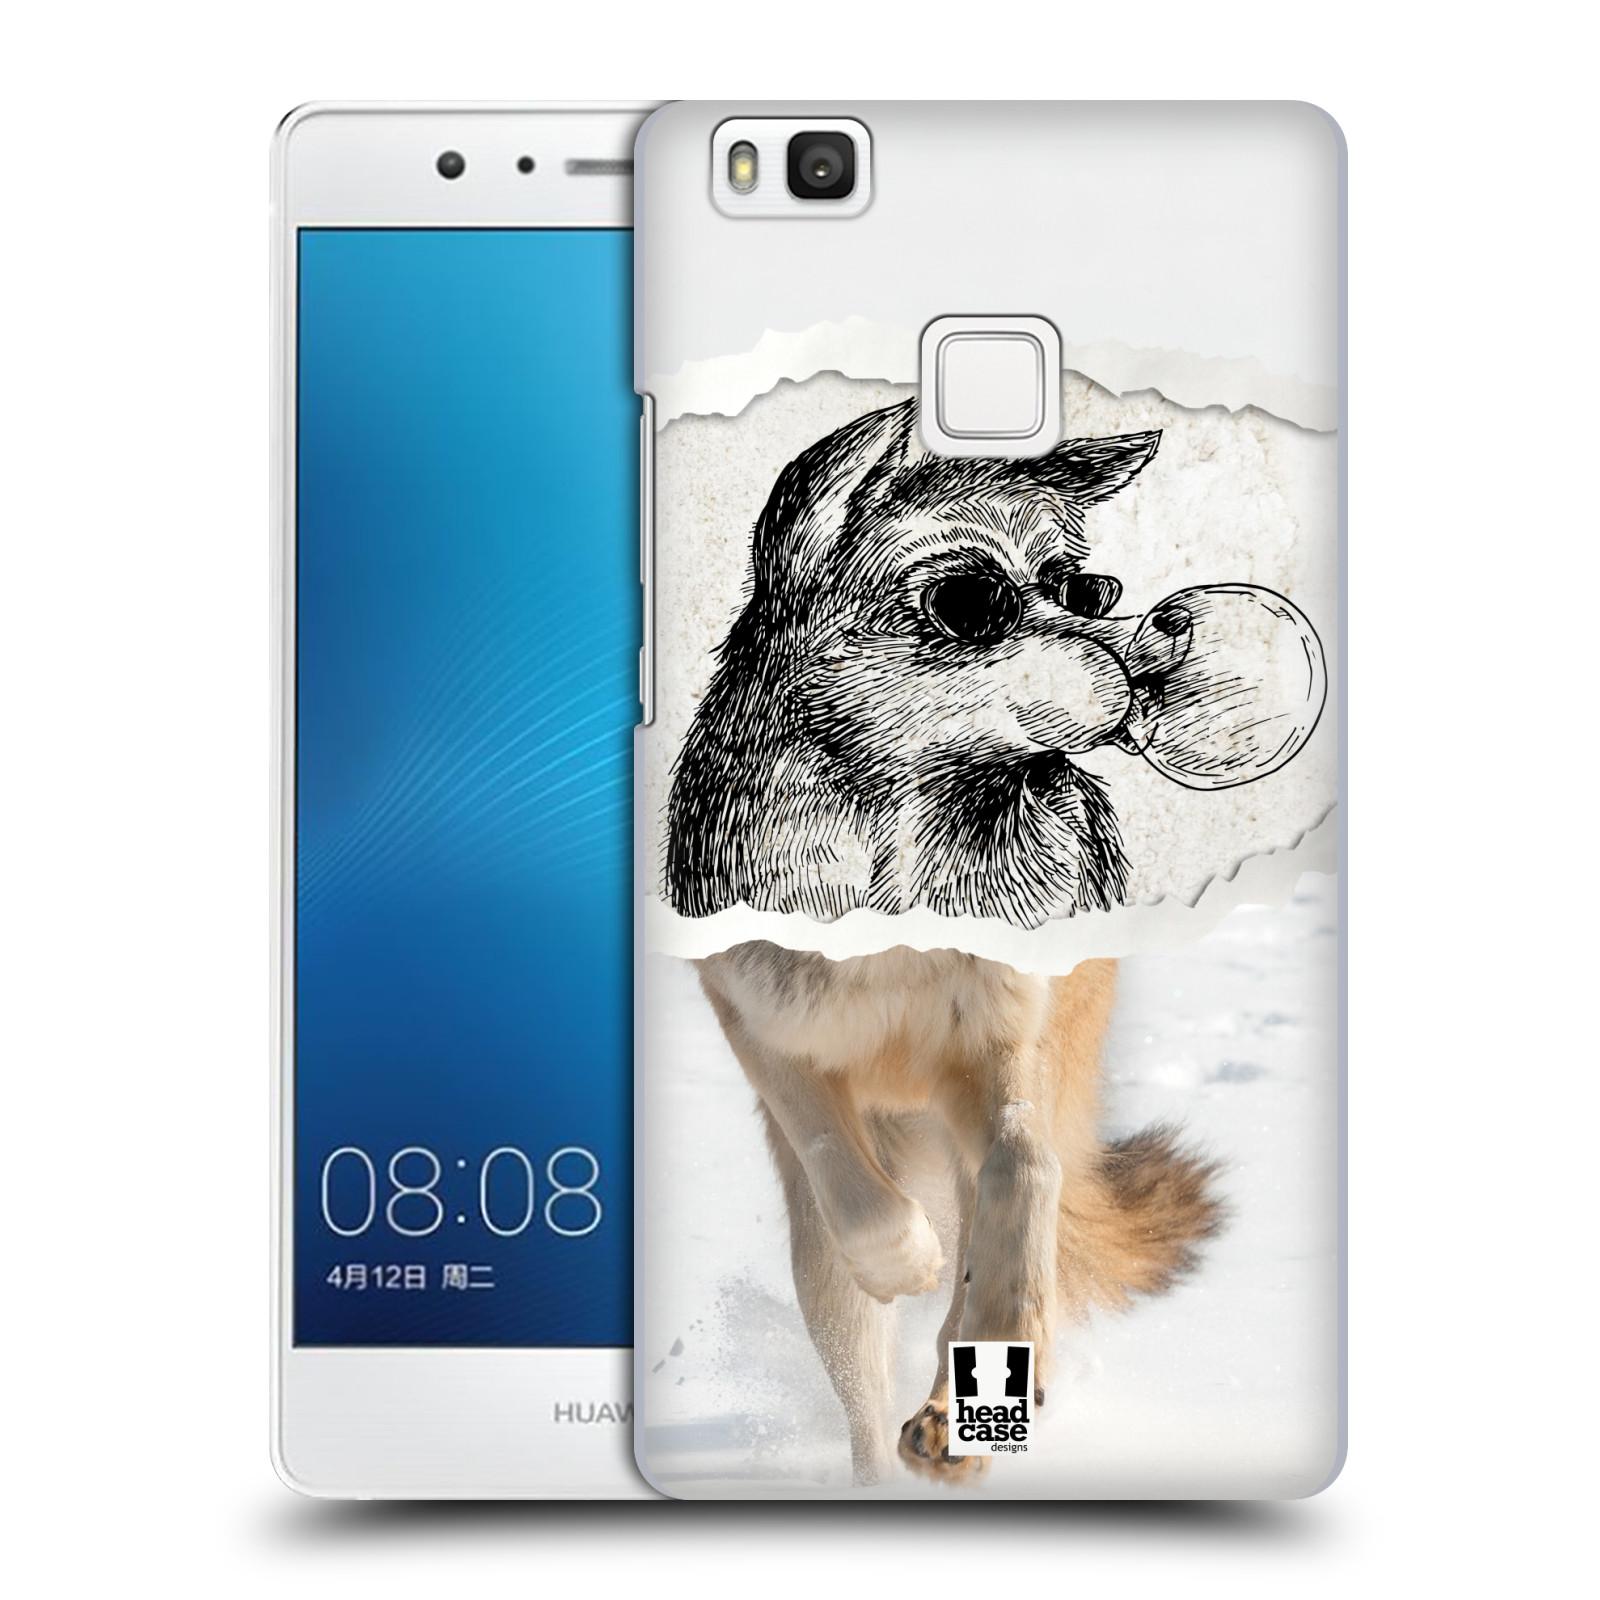 HEAD CASE plastový obal na mobil Huawei P9 LITE / P9 LITE DUAL SIM vzor zvířata koláž vlk pohodář